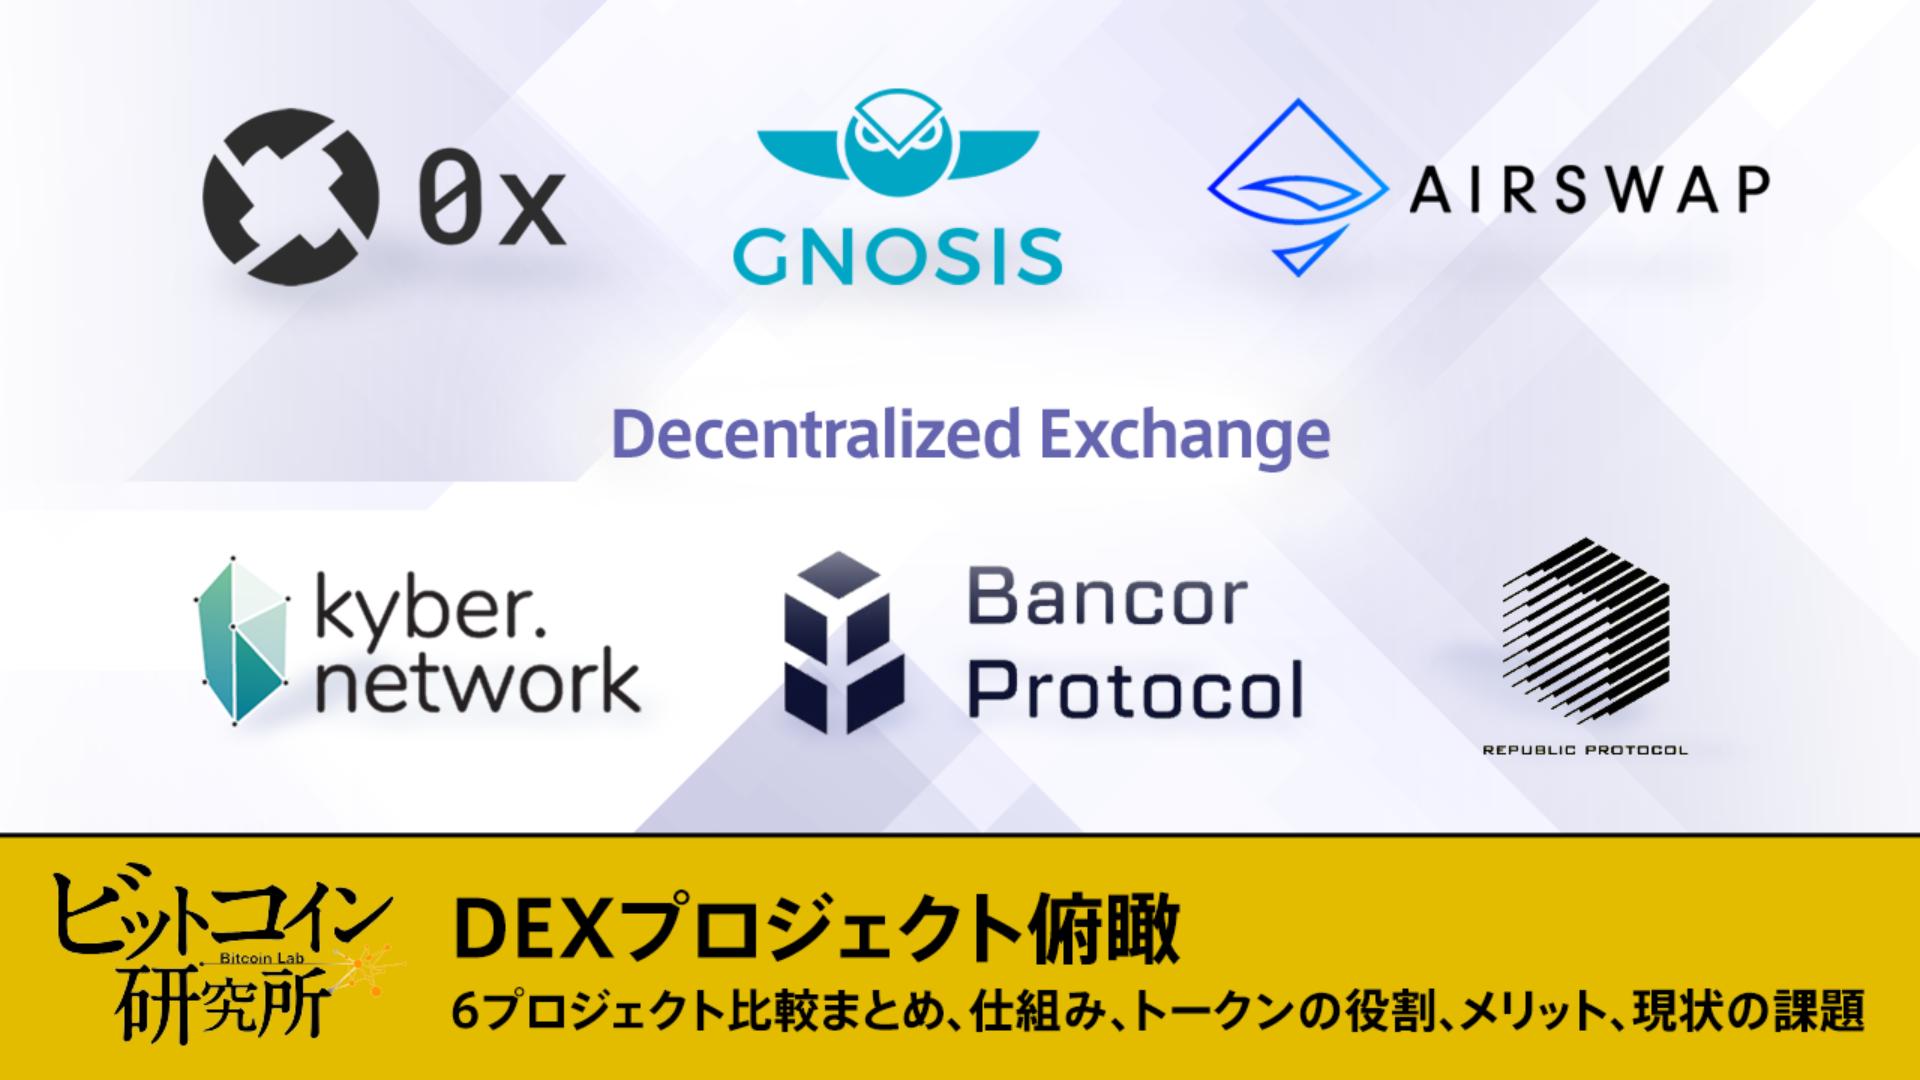 【レポート No.100】DEXプロジェクト俯瞰